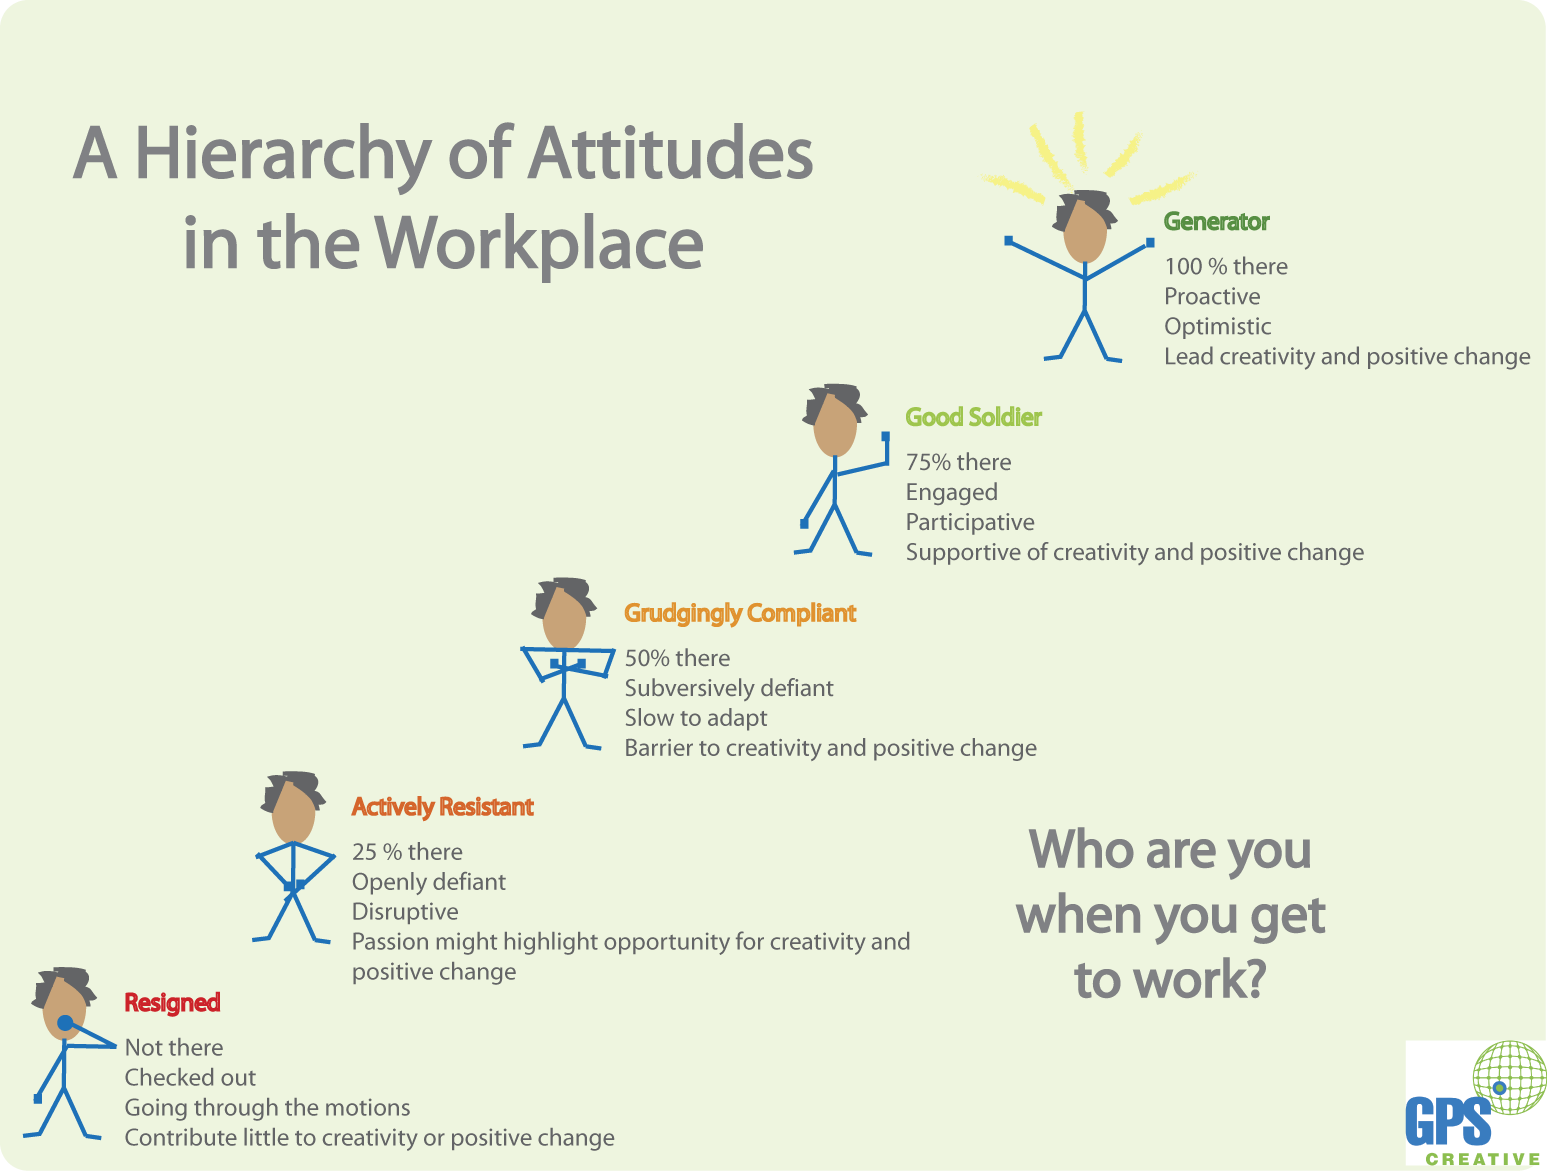 hierarchy-of-attitudes1.png